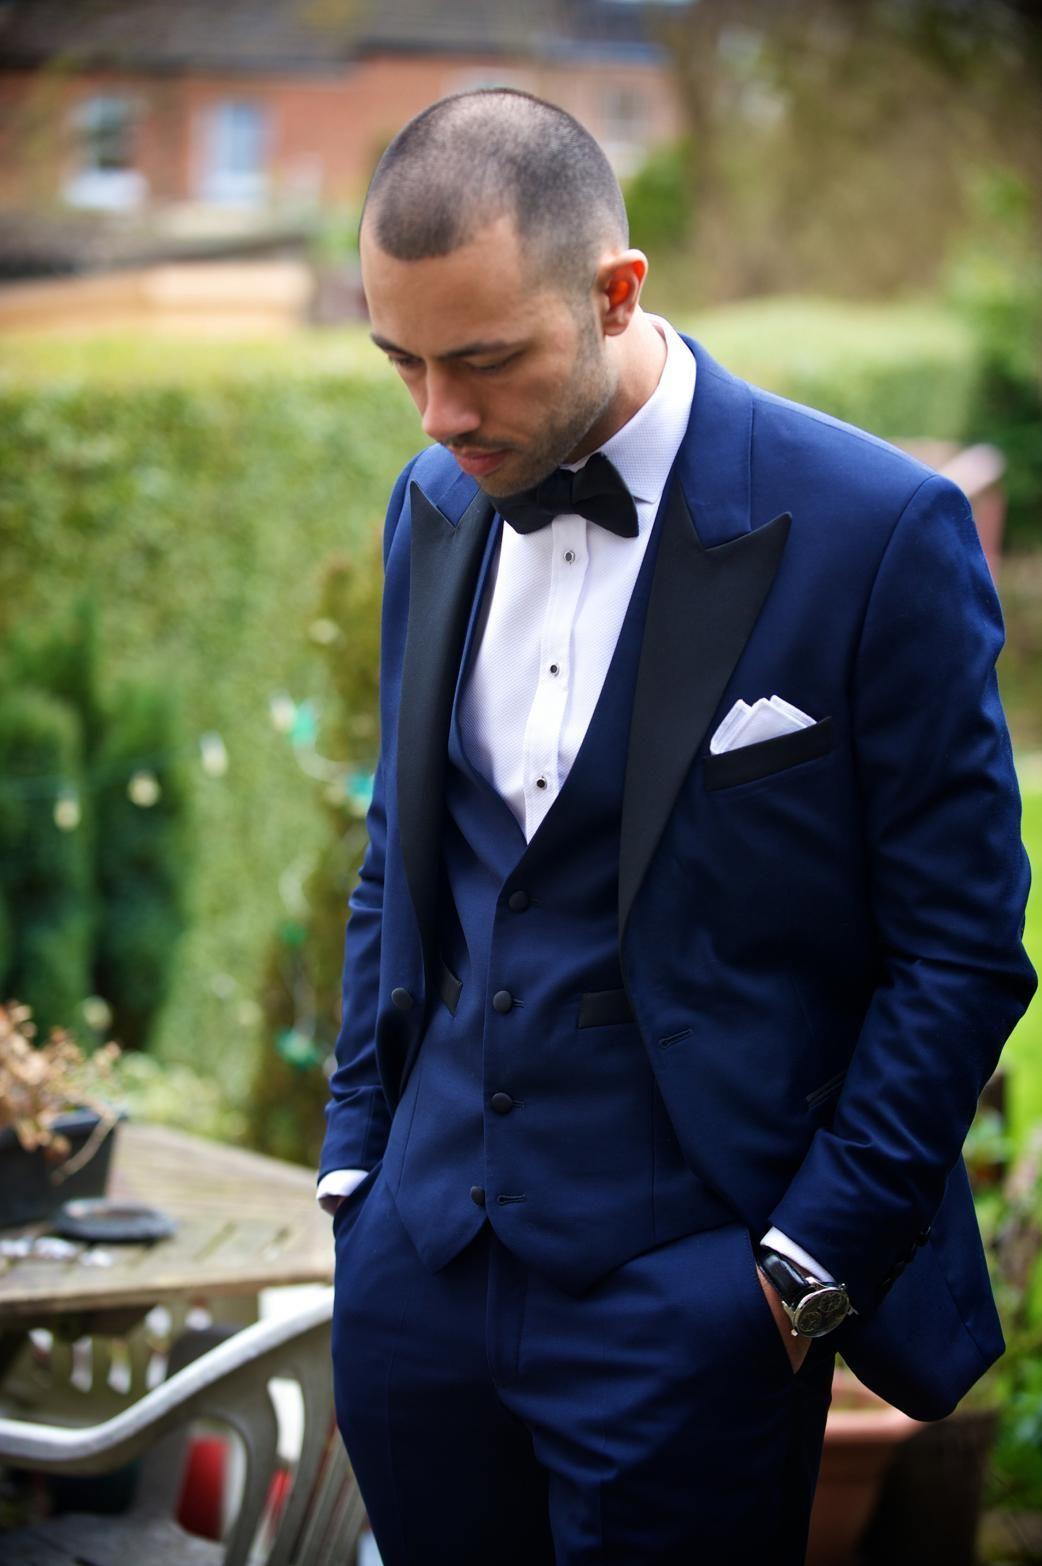 Men\'s Tuxedo in Royal Blue | Style - him | Pinterest | Royal blue ...